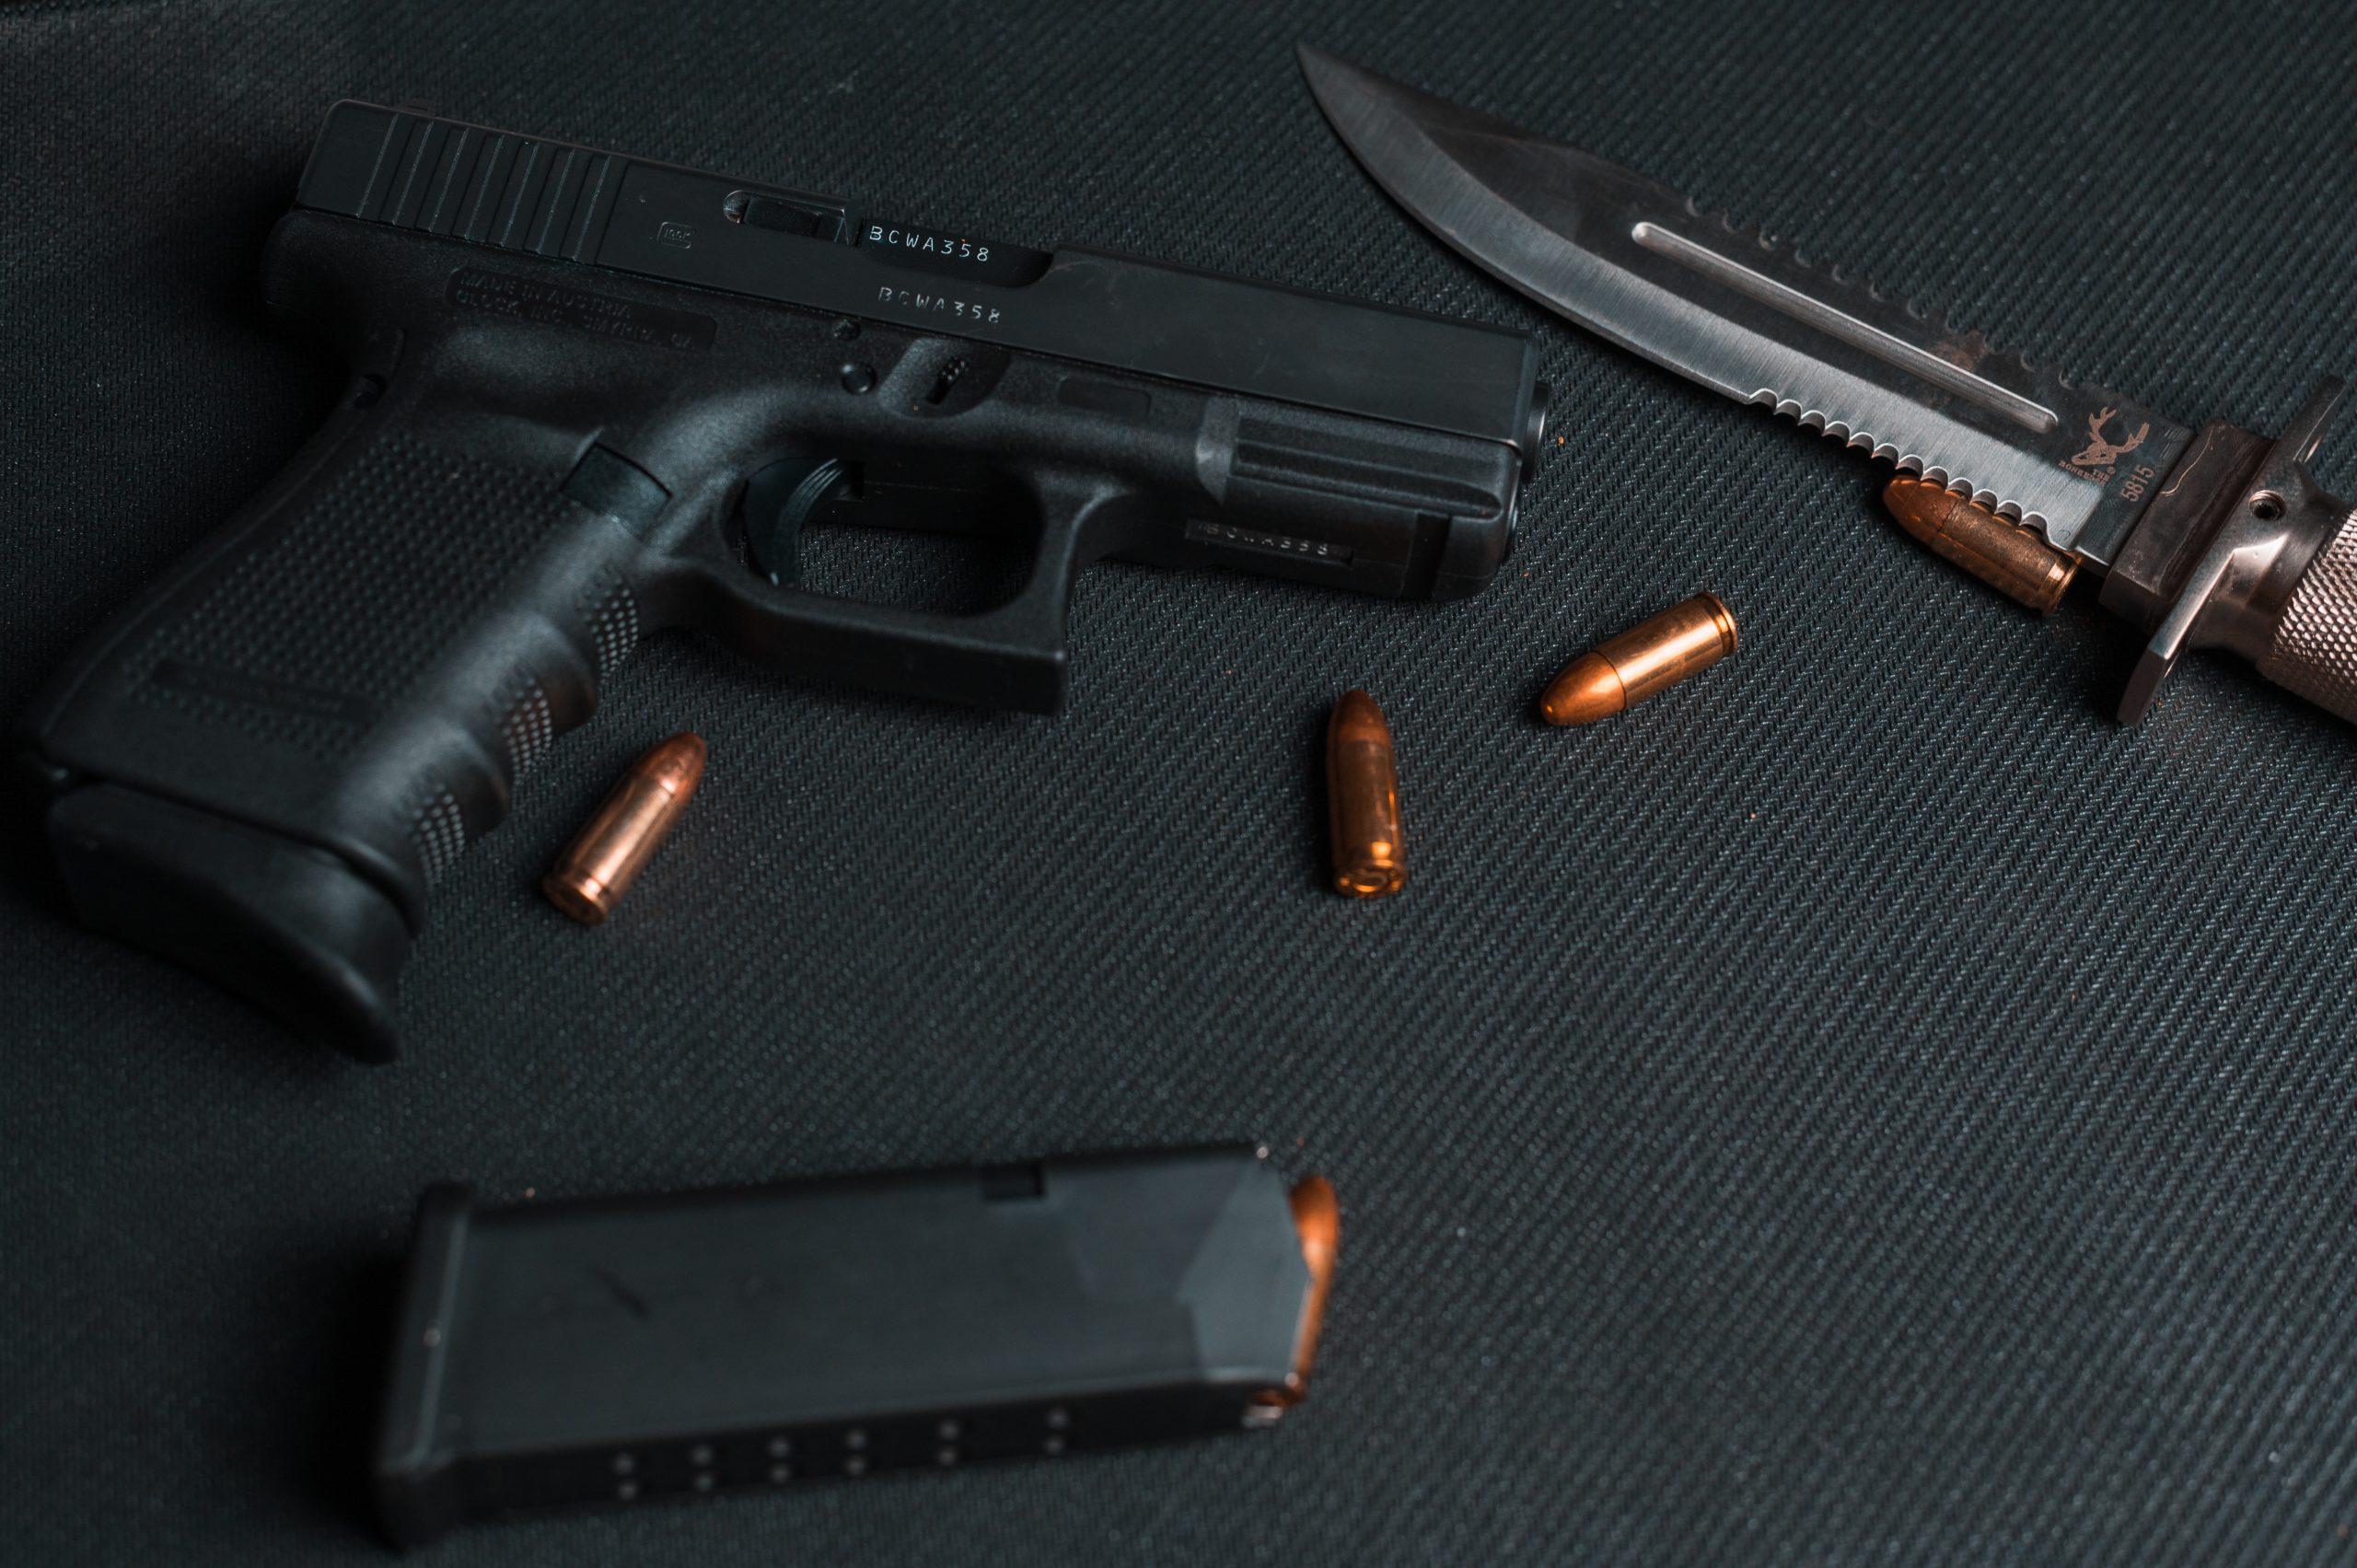 Waffen und Messer auf schwarzen Hintergrund